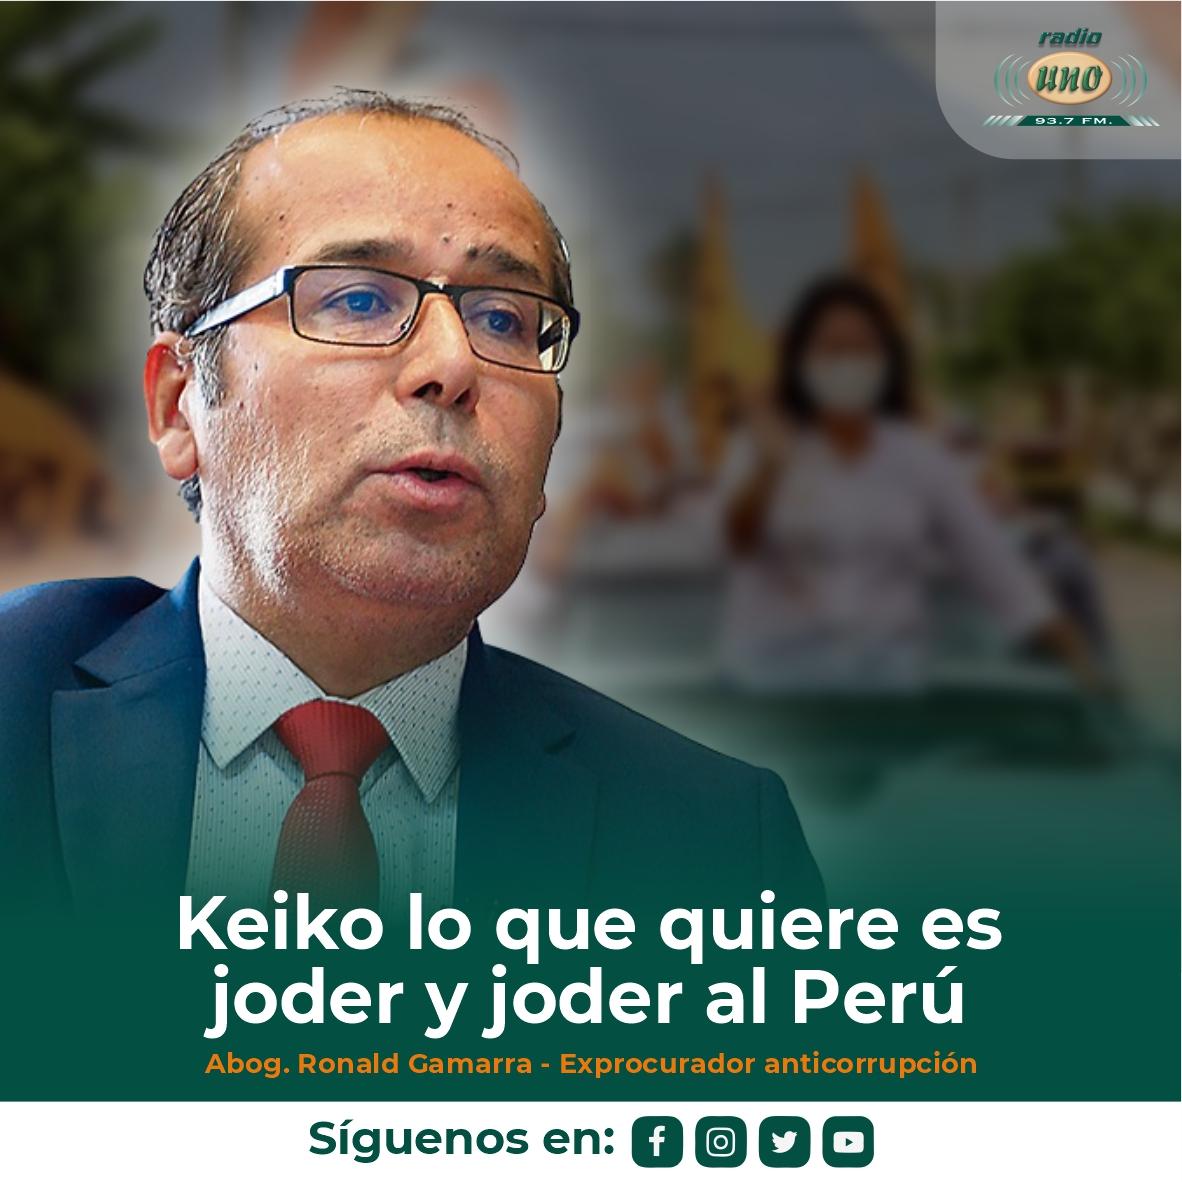 Keiko lo que quiere es joder y joder al Perú